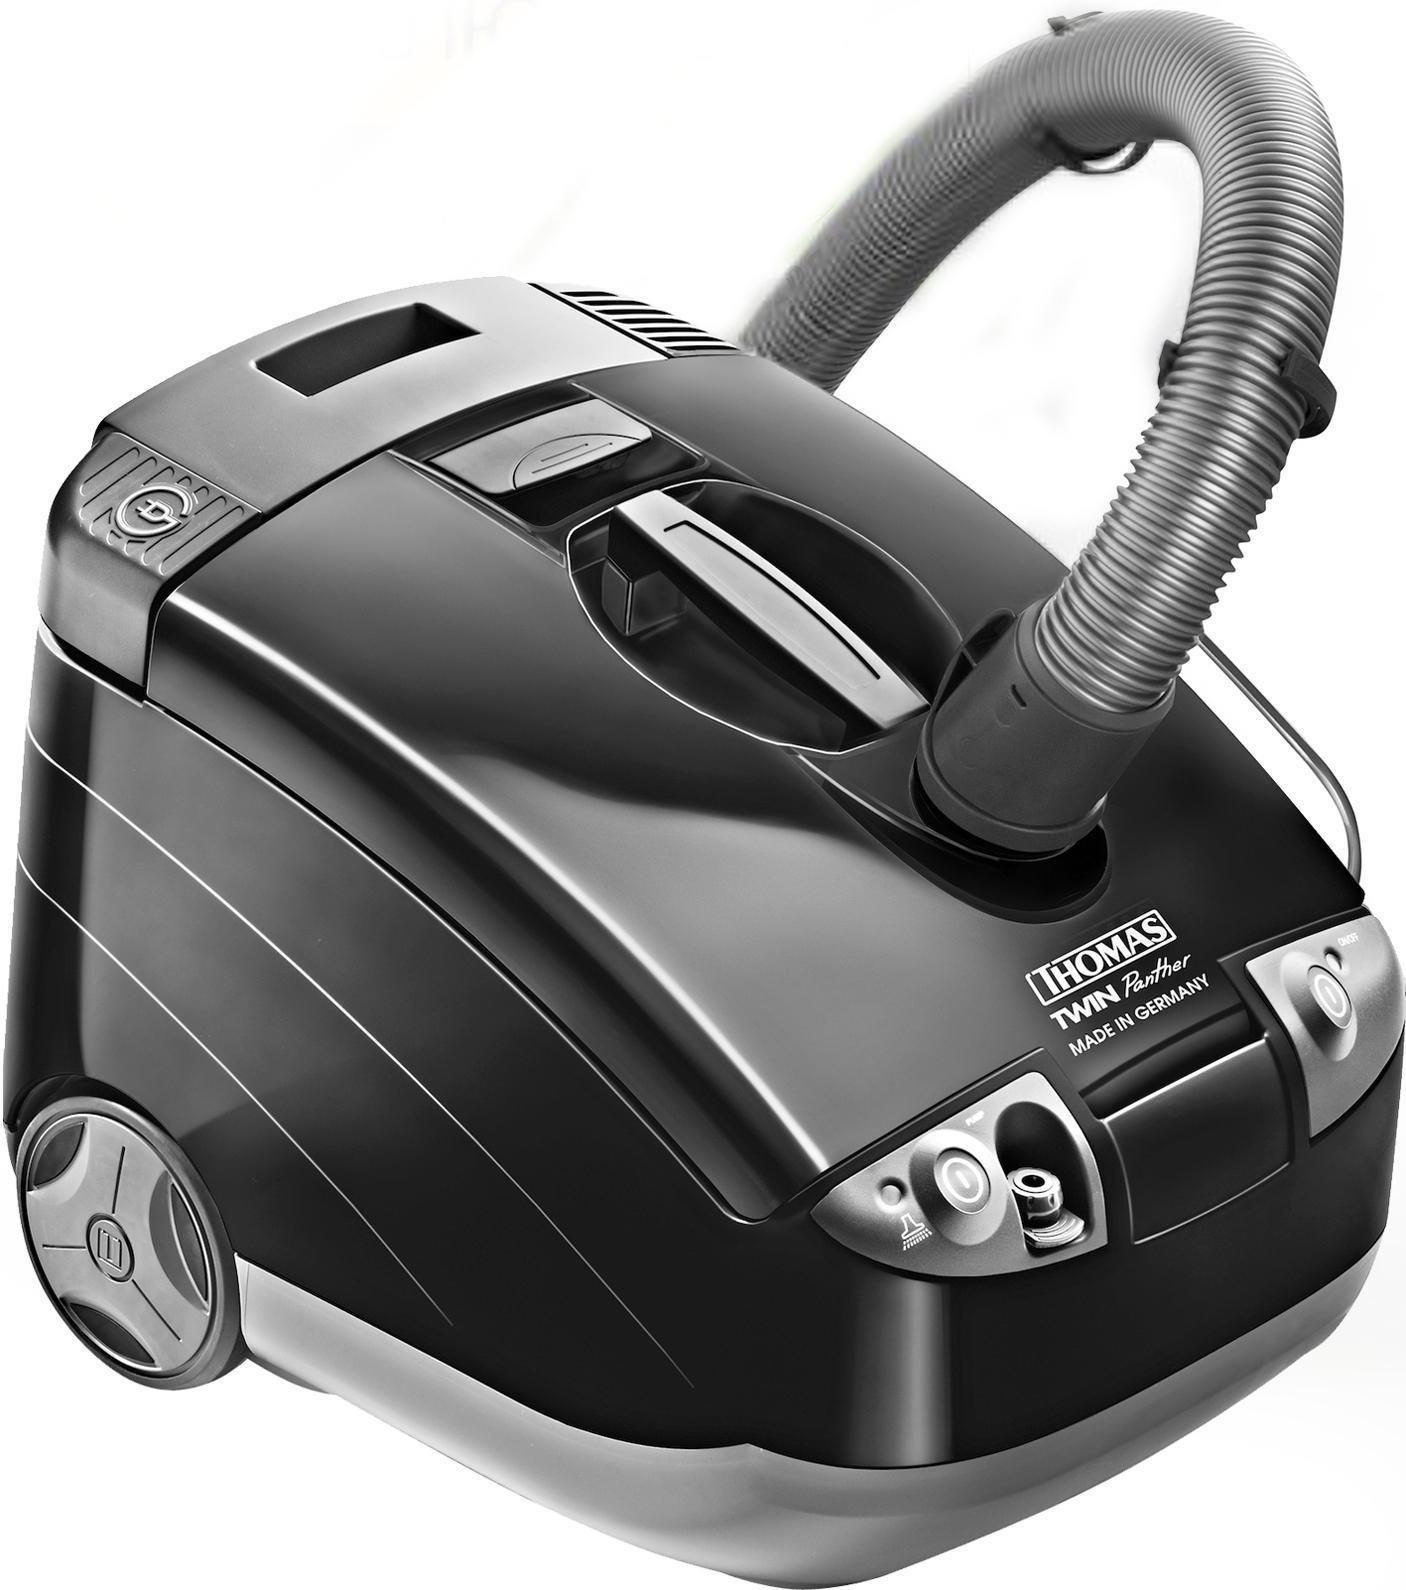 Thomas 788558 Twin Panther пылесос788558 TWIN PANTHERThomas 788558 Twin Panther - компактный и стильный моющий пылесос, который разработан специально для тех, кто предпочитает традиционный способ сухой уборки - с мешком для пыли. Для этого вместо аквафильтра пылесос оснащеночень вместительным мешком MicroPor (размер XXL).